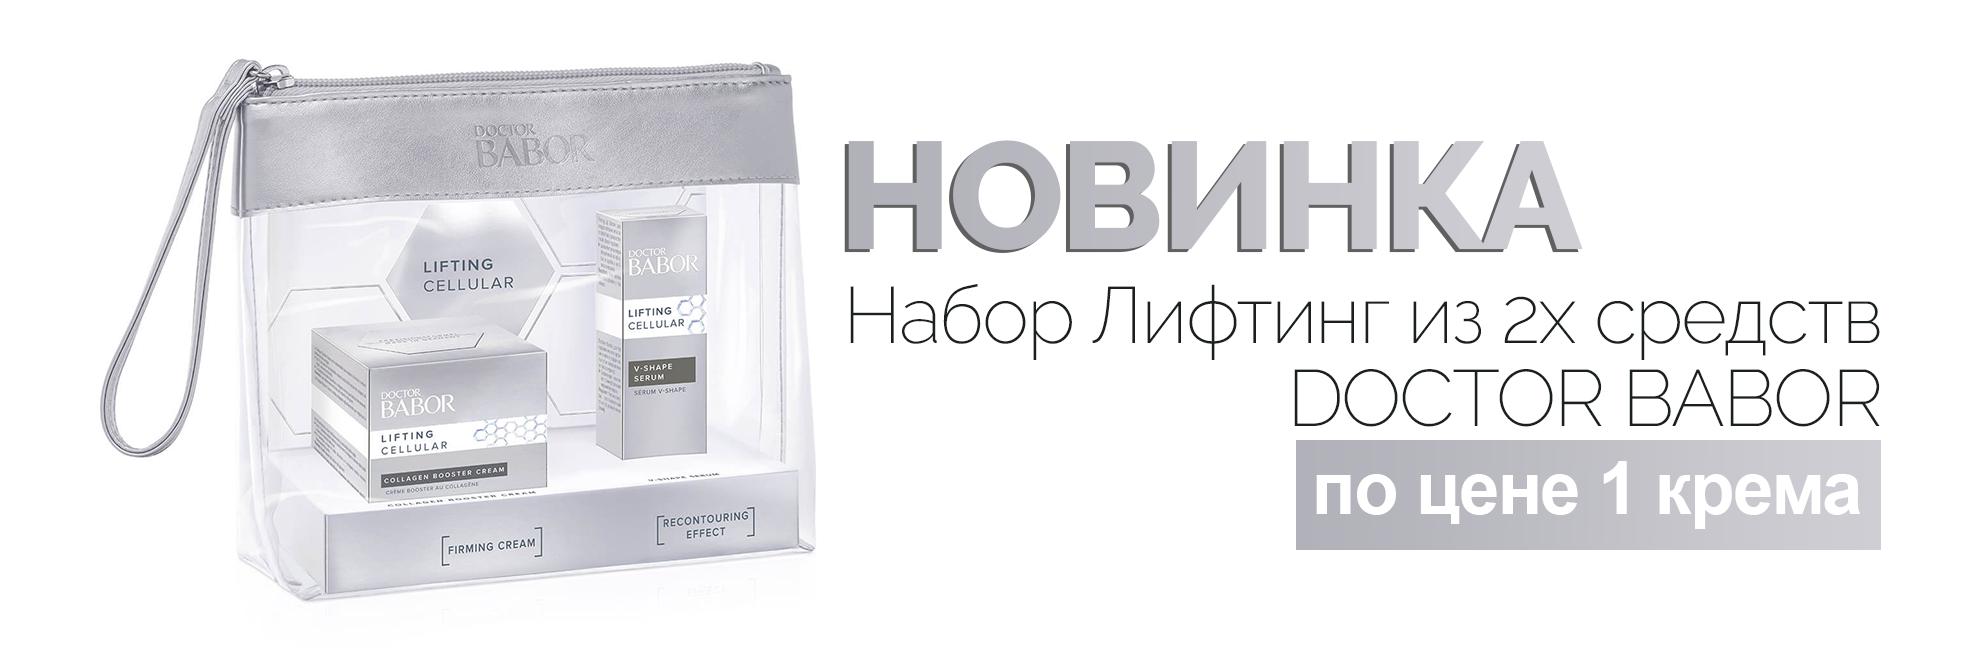 Приобрести Набор Лифтинг из 2х средств DOCTOR BABOR по цене 1 крема!